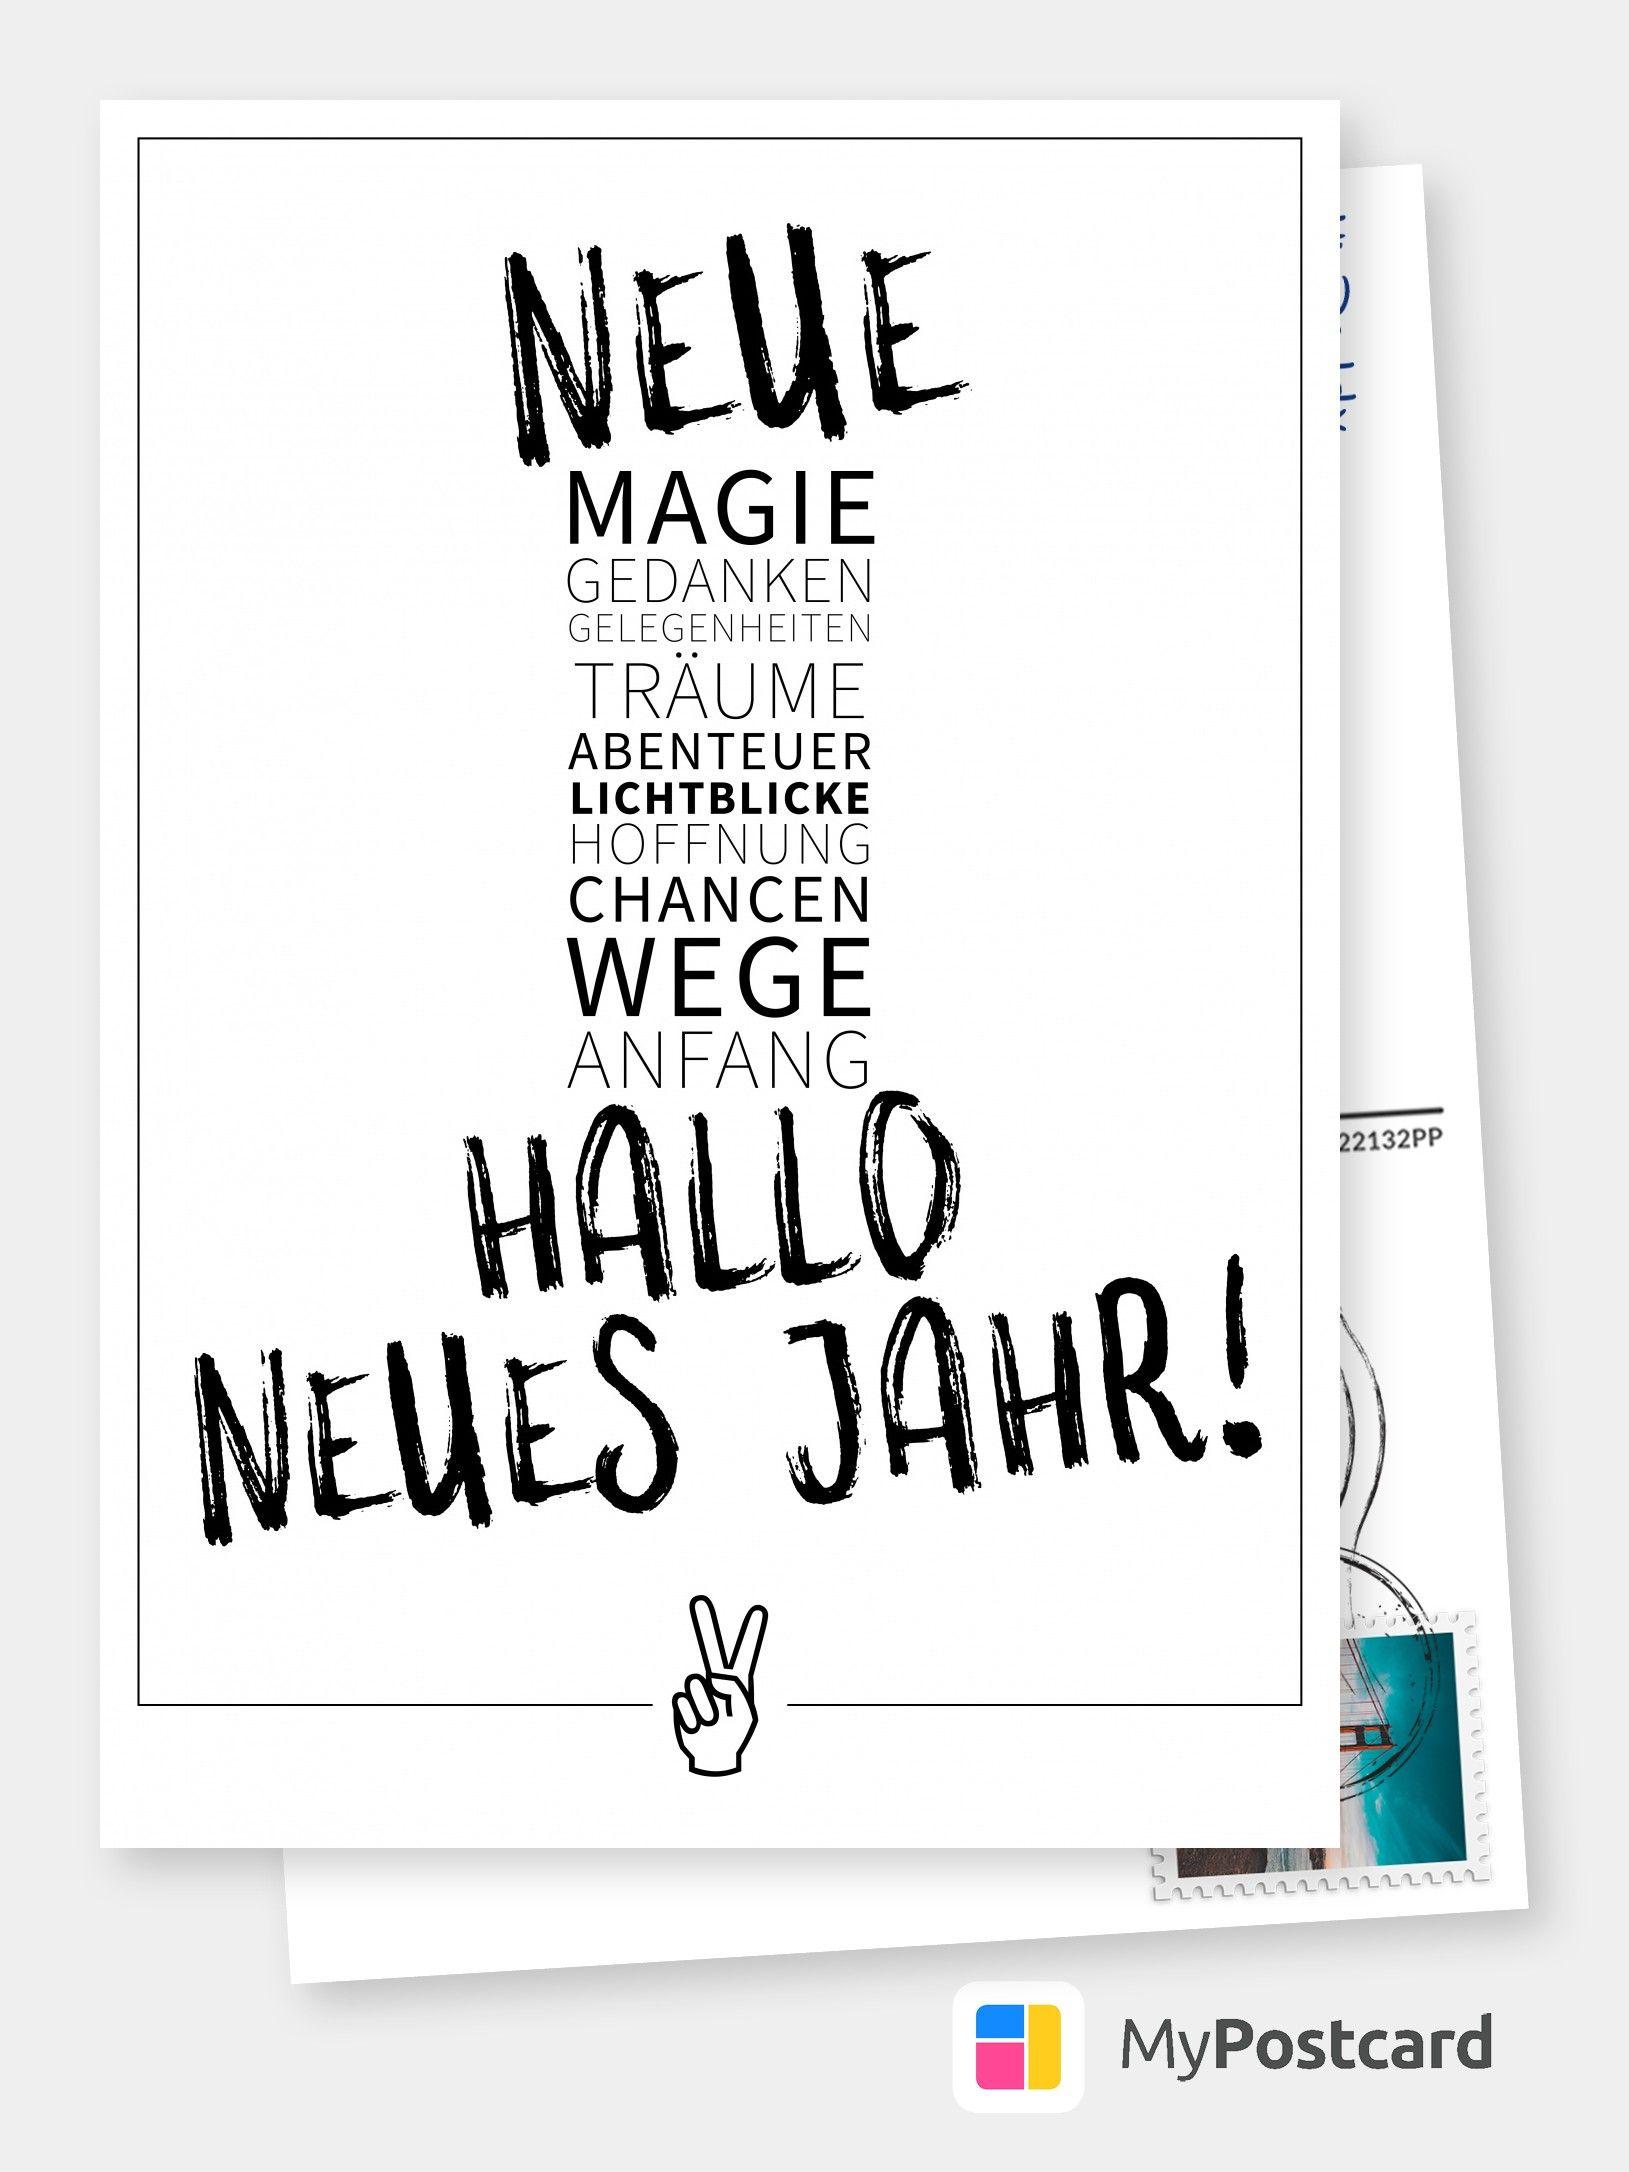 Neujahrswünsche - Neue Magie | Frohes Neues Jahr in Neujahrswünsche Karten